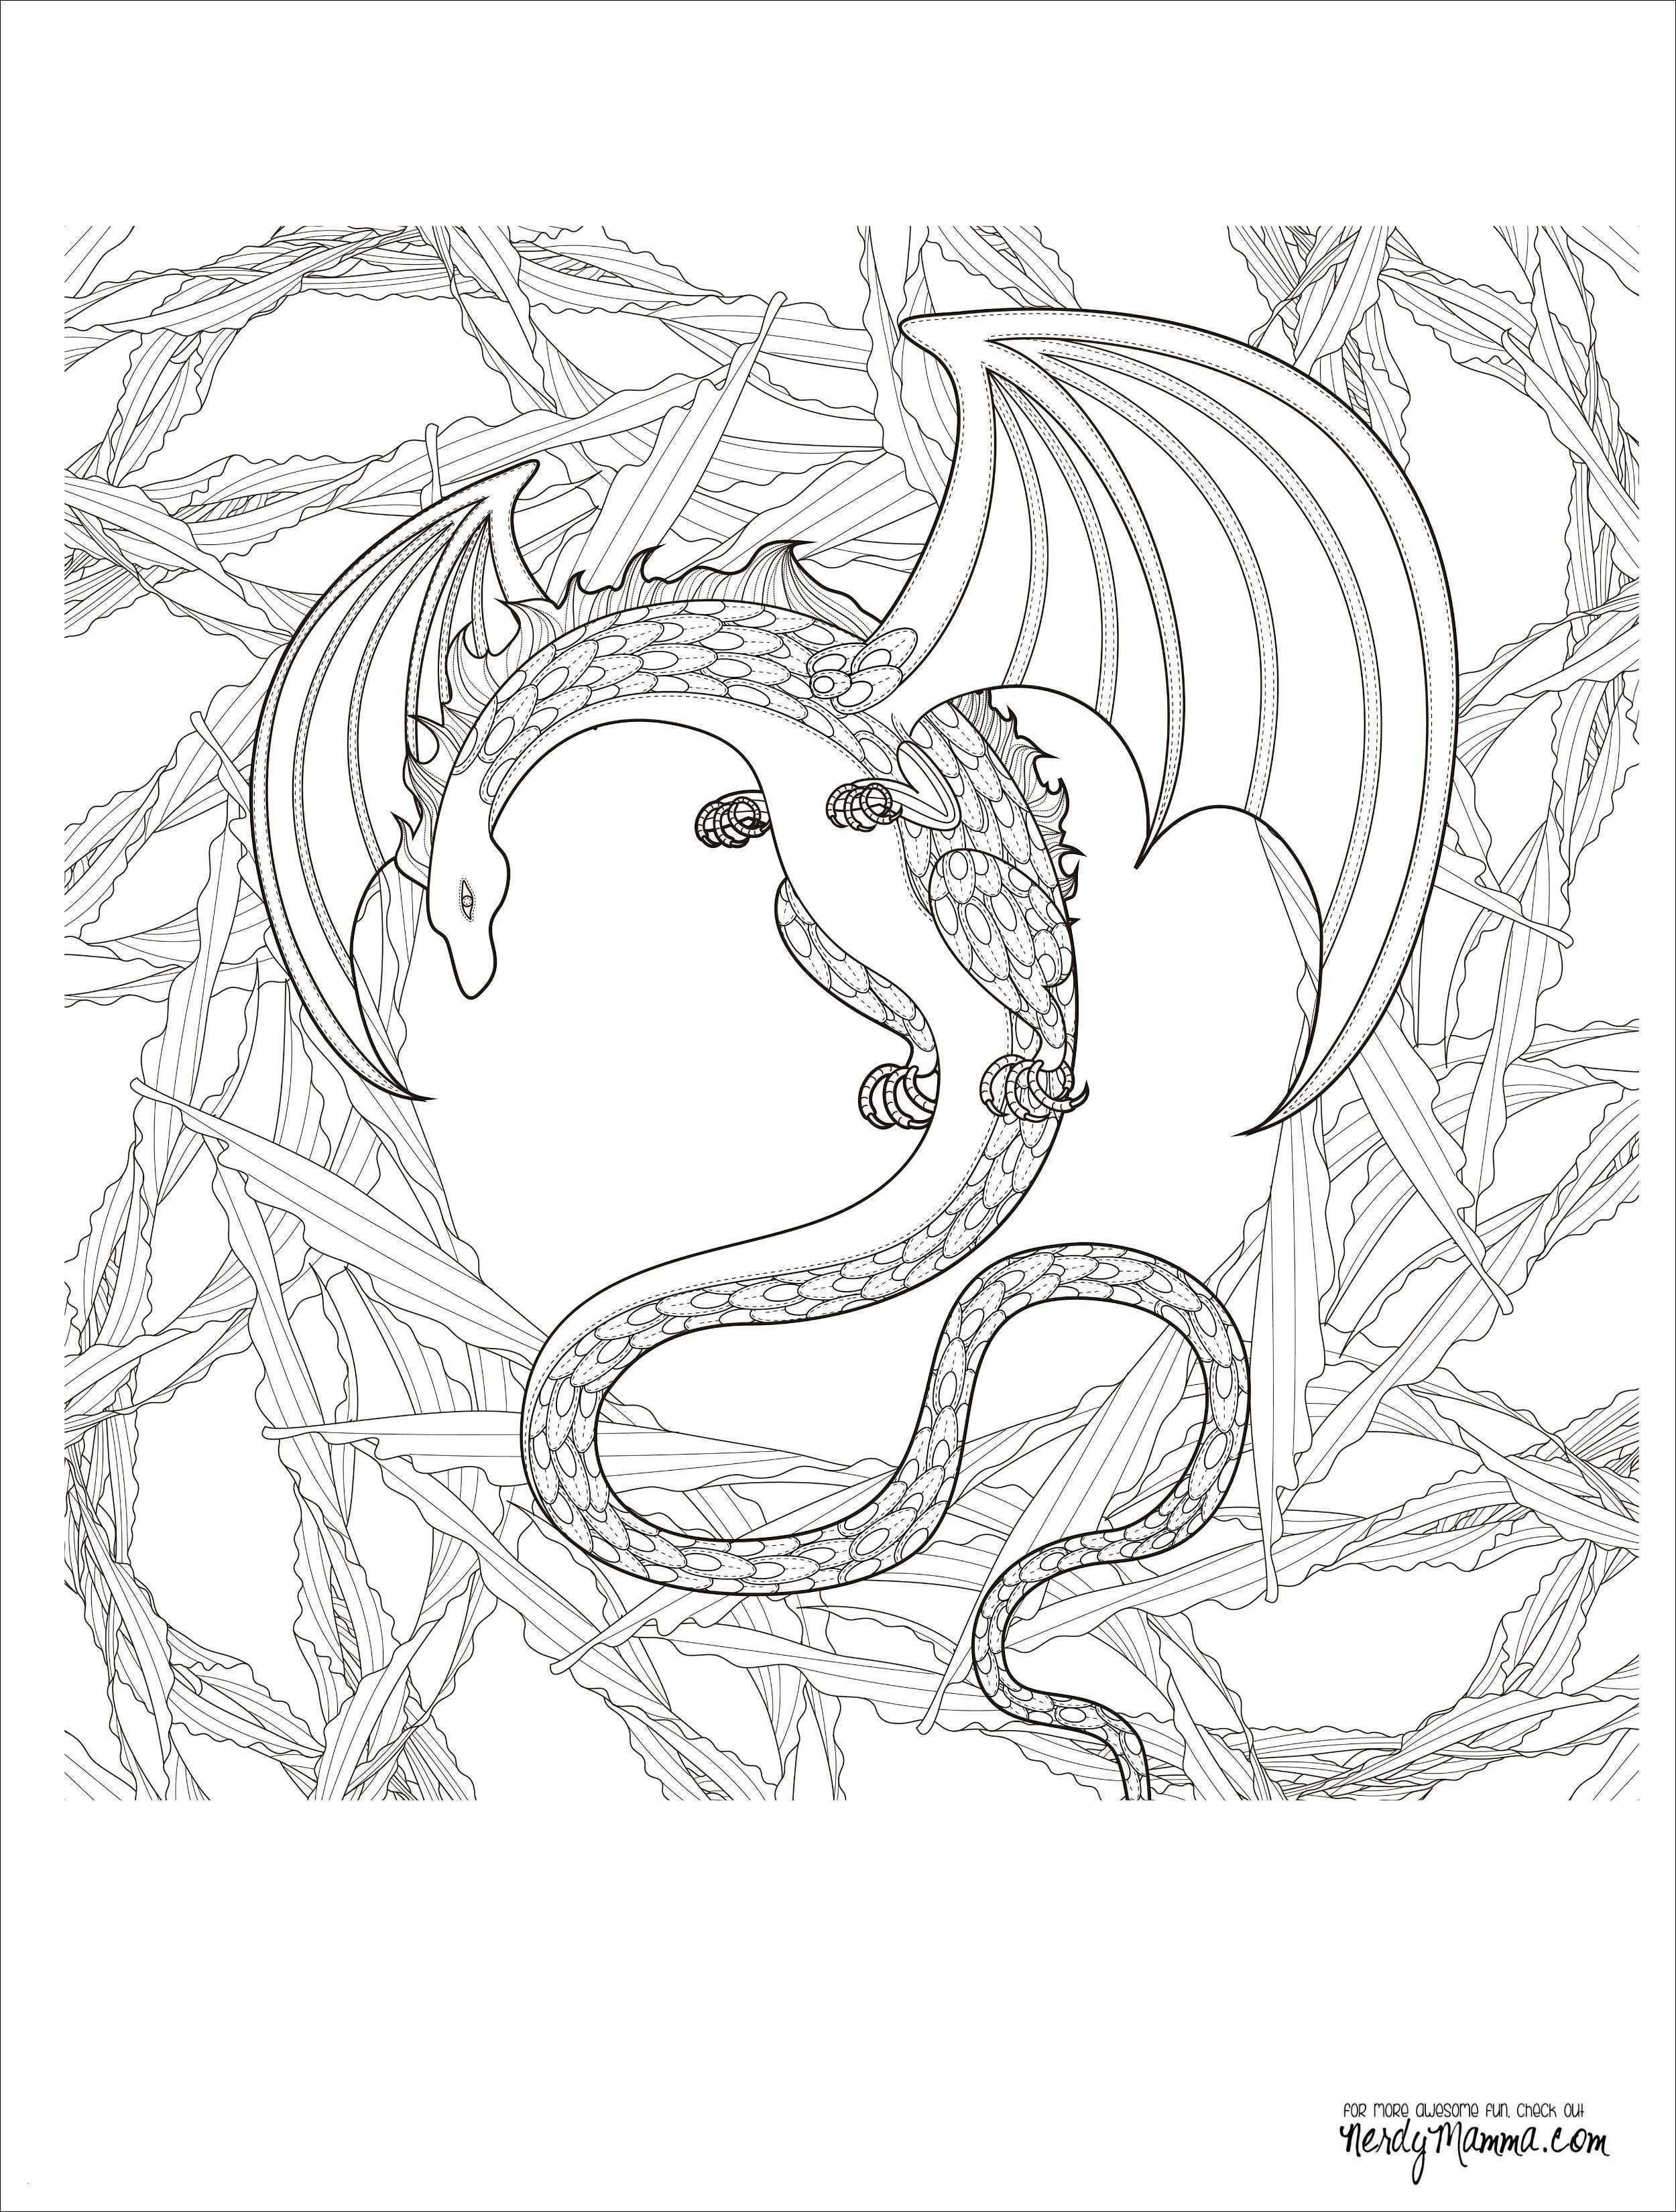 Einhorn Bilder Zum Ausmalen Frisch Malvorlagen Erwachsene Pferd Galerie 40 Ausmalbilder Erwachsene Sammlung